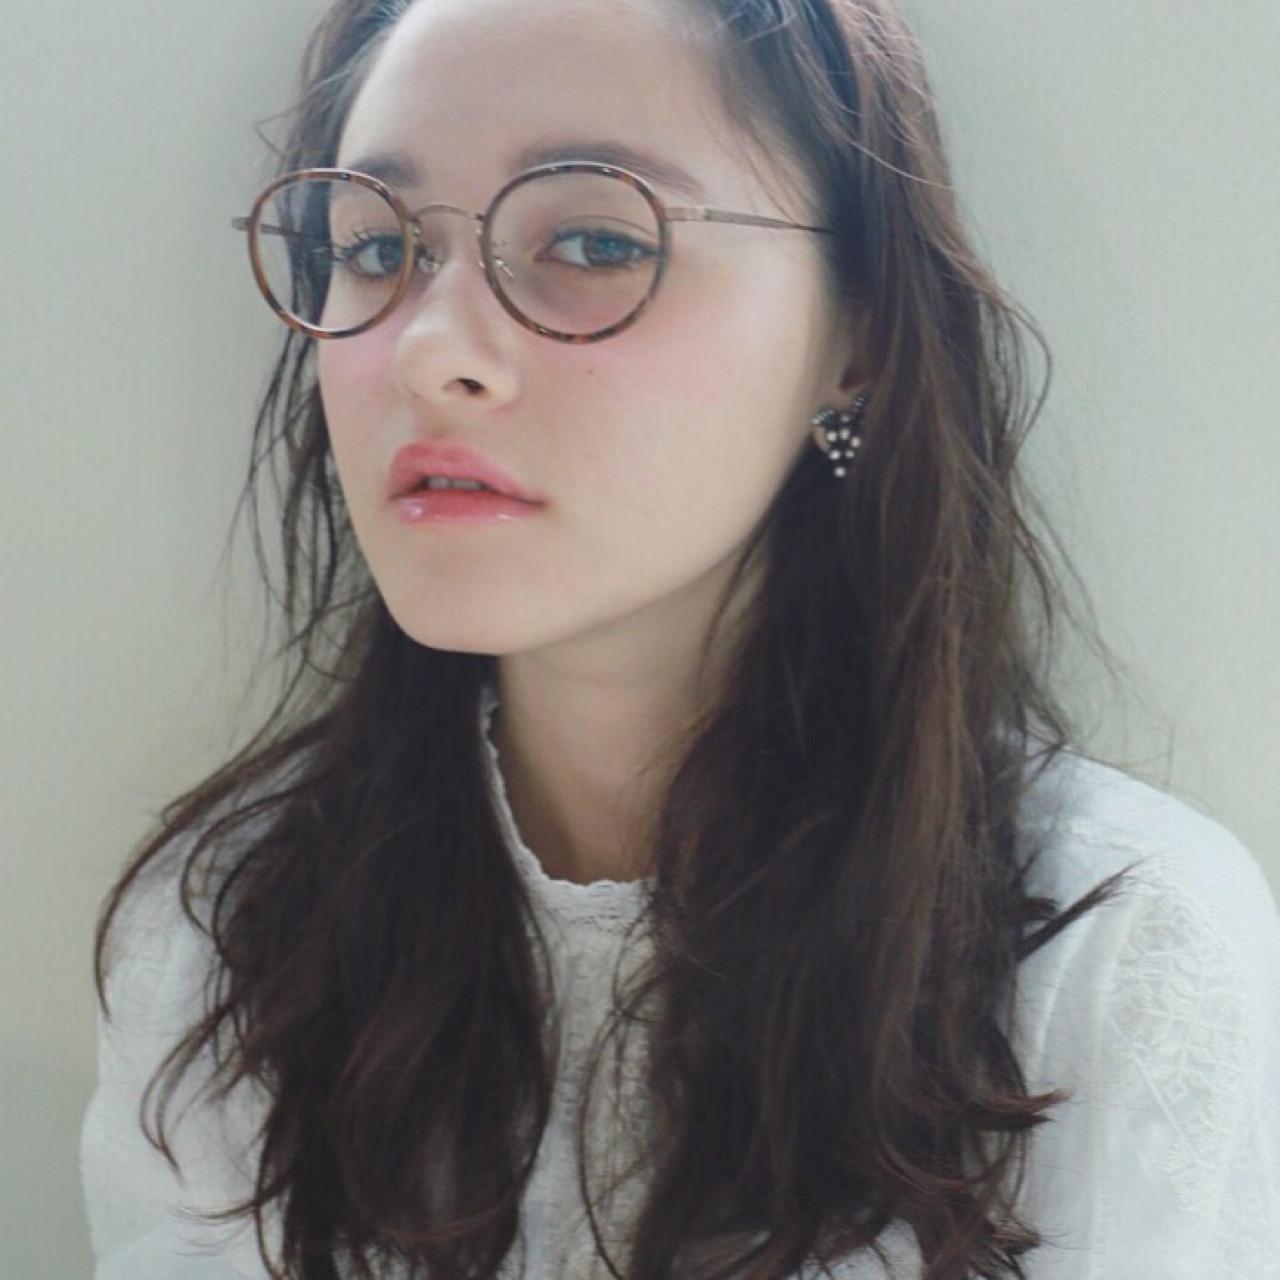 セミロング 外国人風 黒髪 ナチュラル ヘアスタイルや髪型の写真・画像 | 高橋 忍 / nanuk渋谷店(ナヌーク)